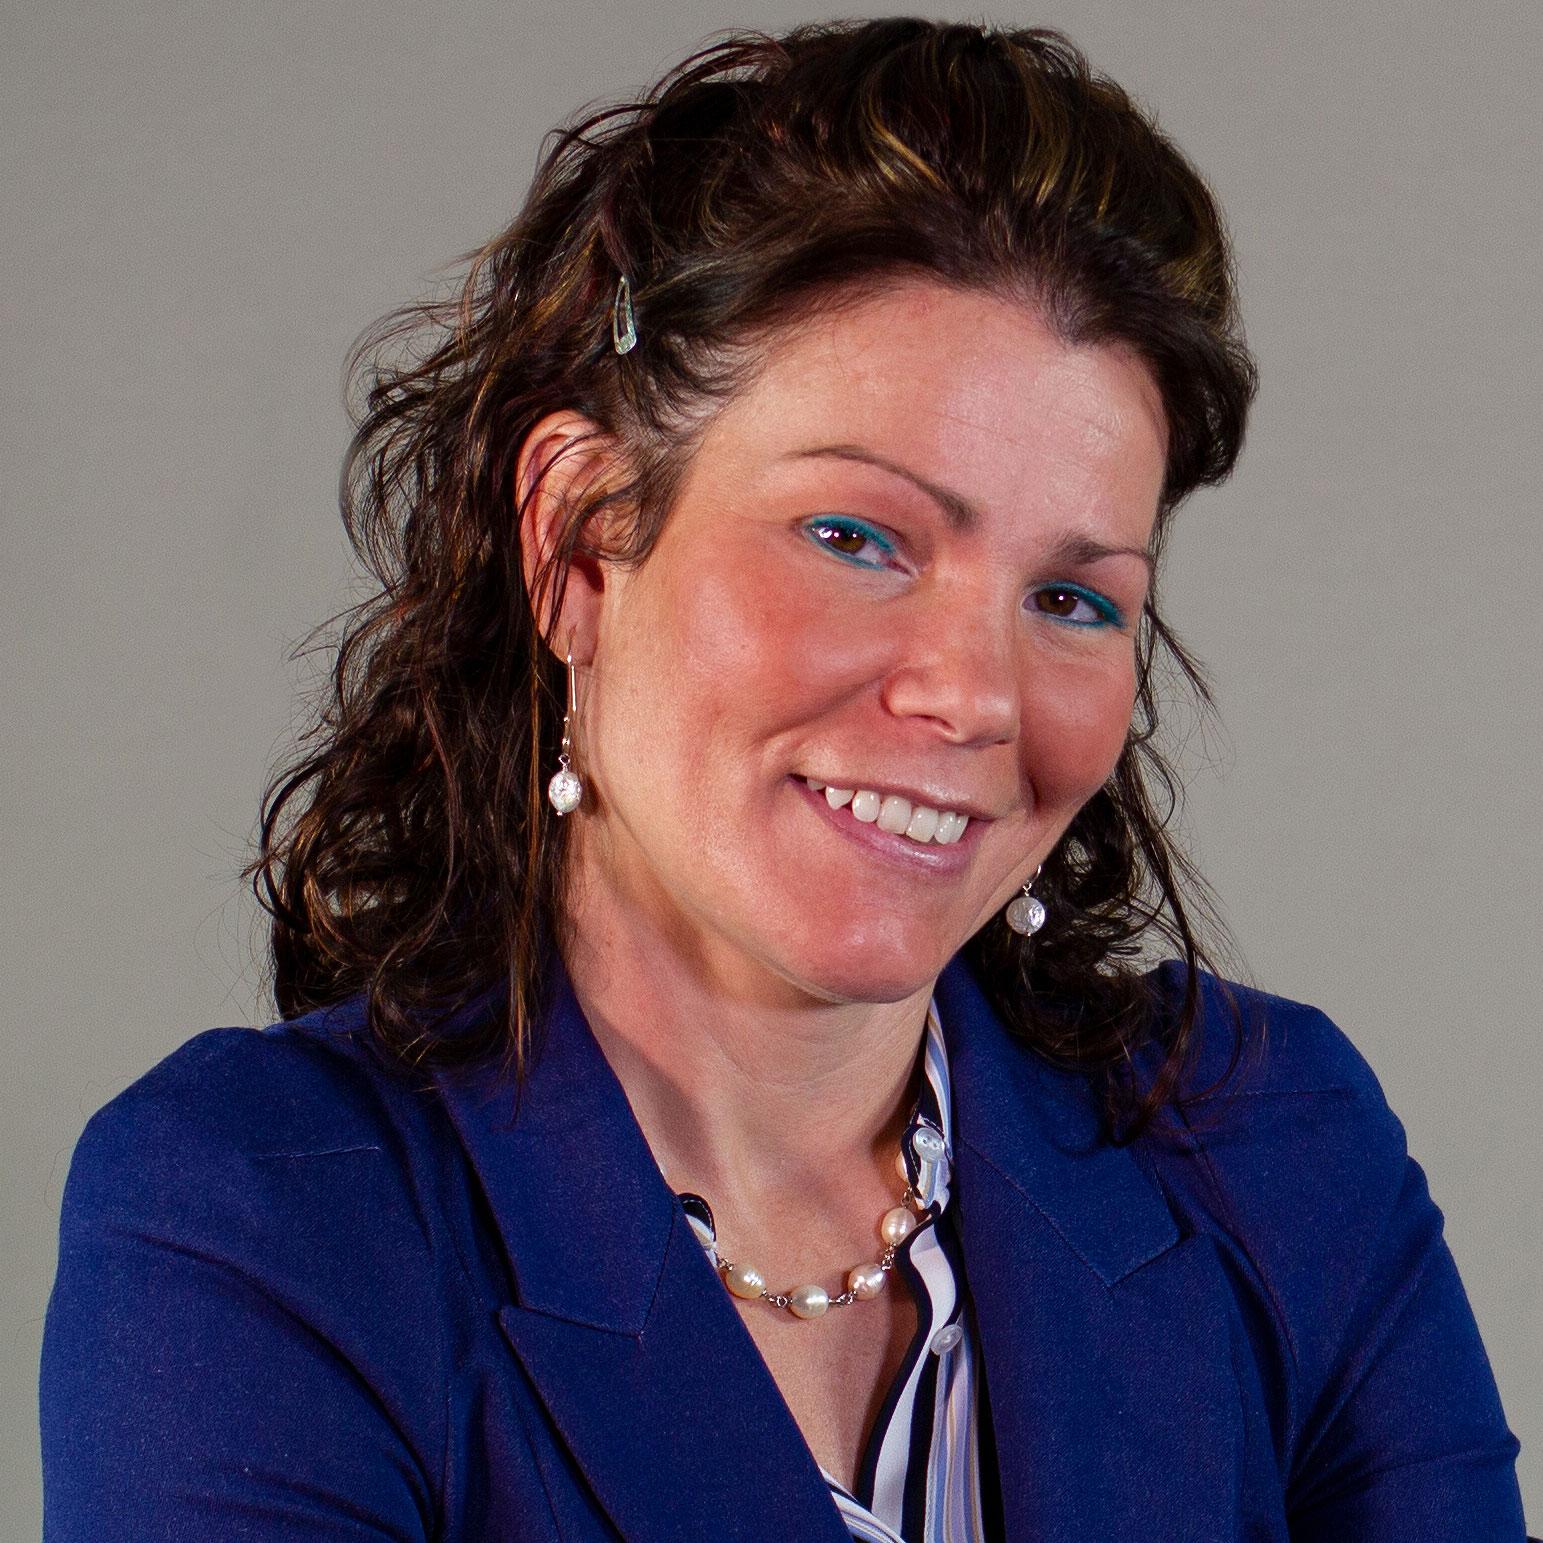 Dr. Krista Geller Headshot